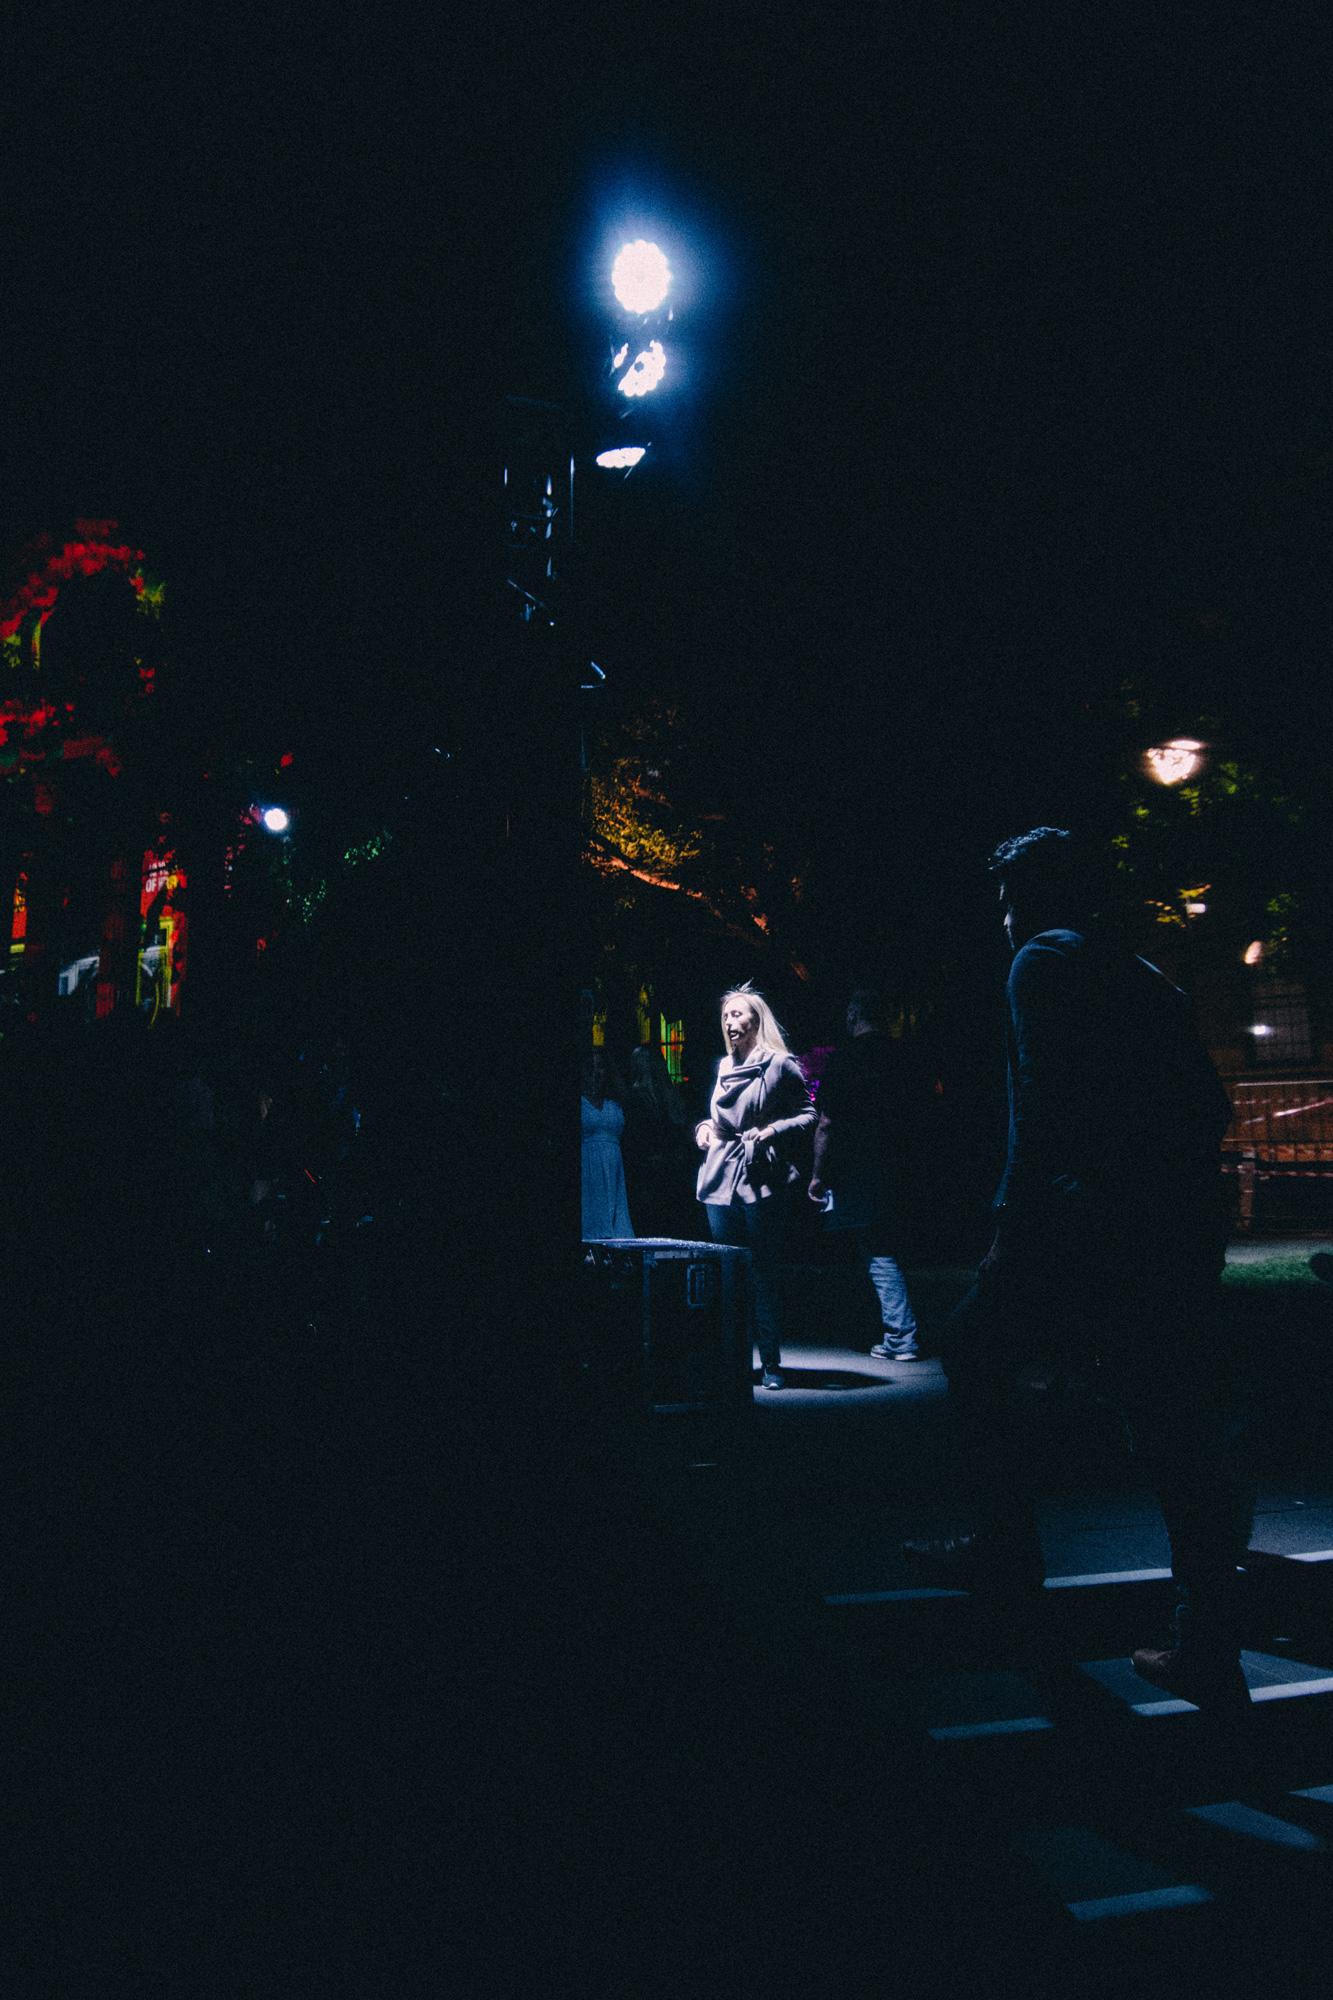 whitenight-13.jpg